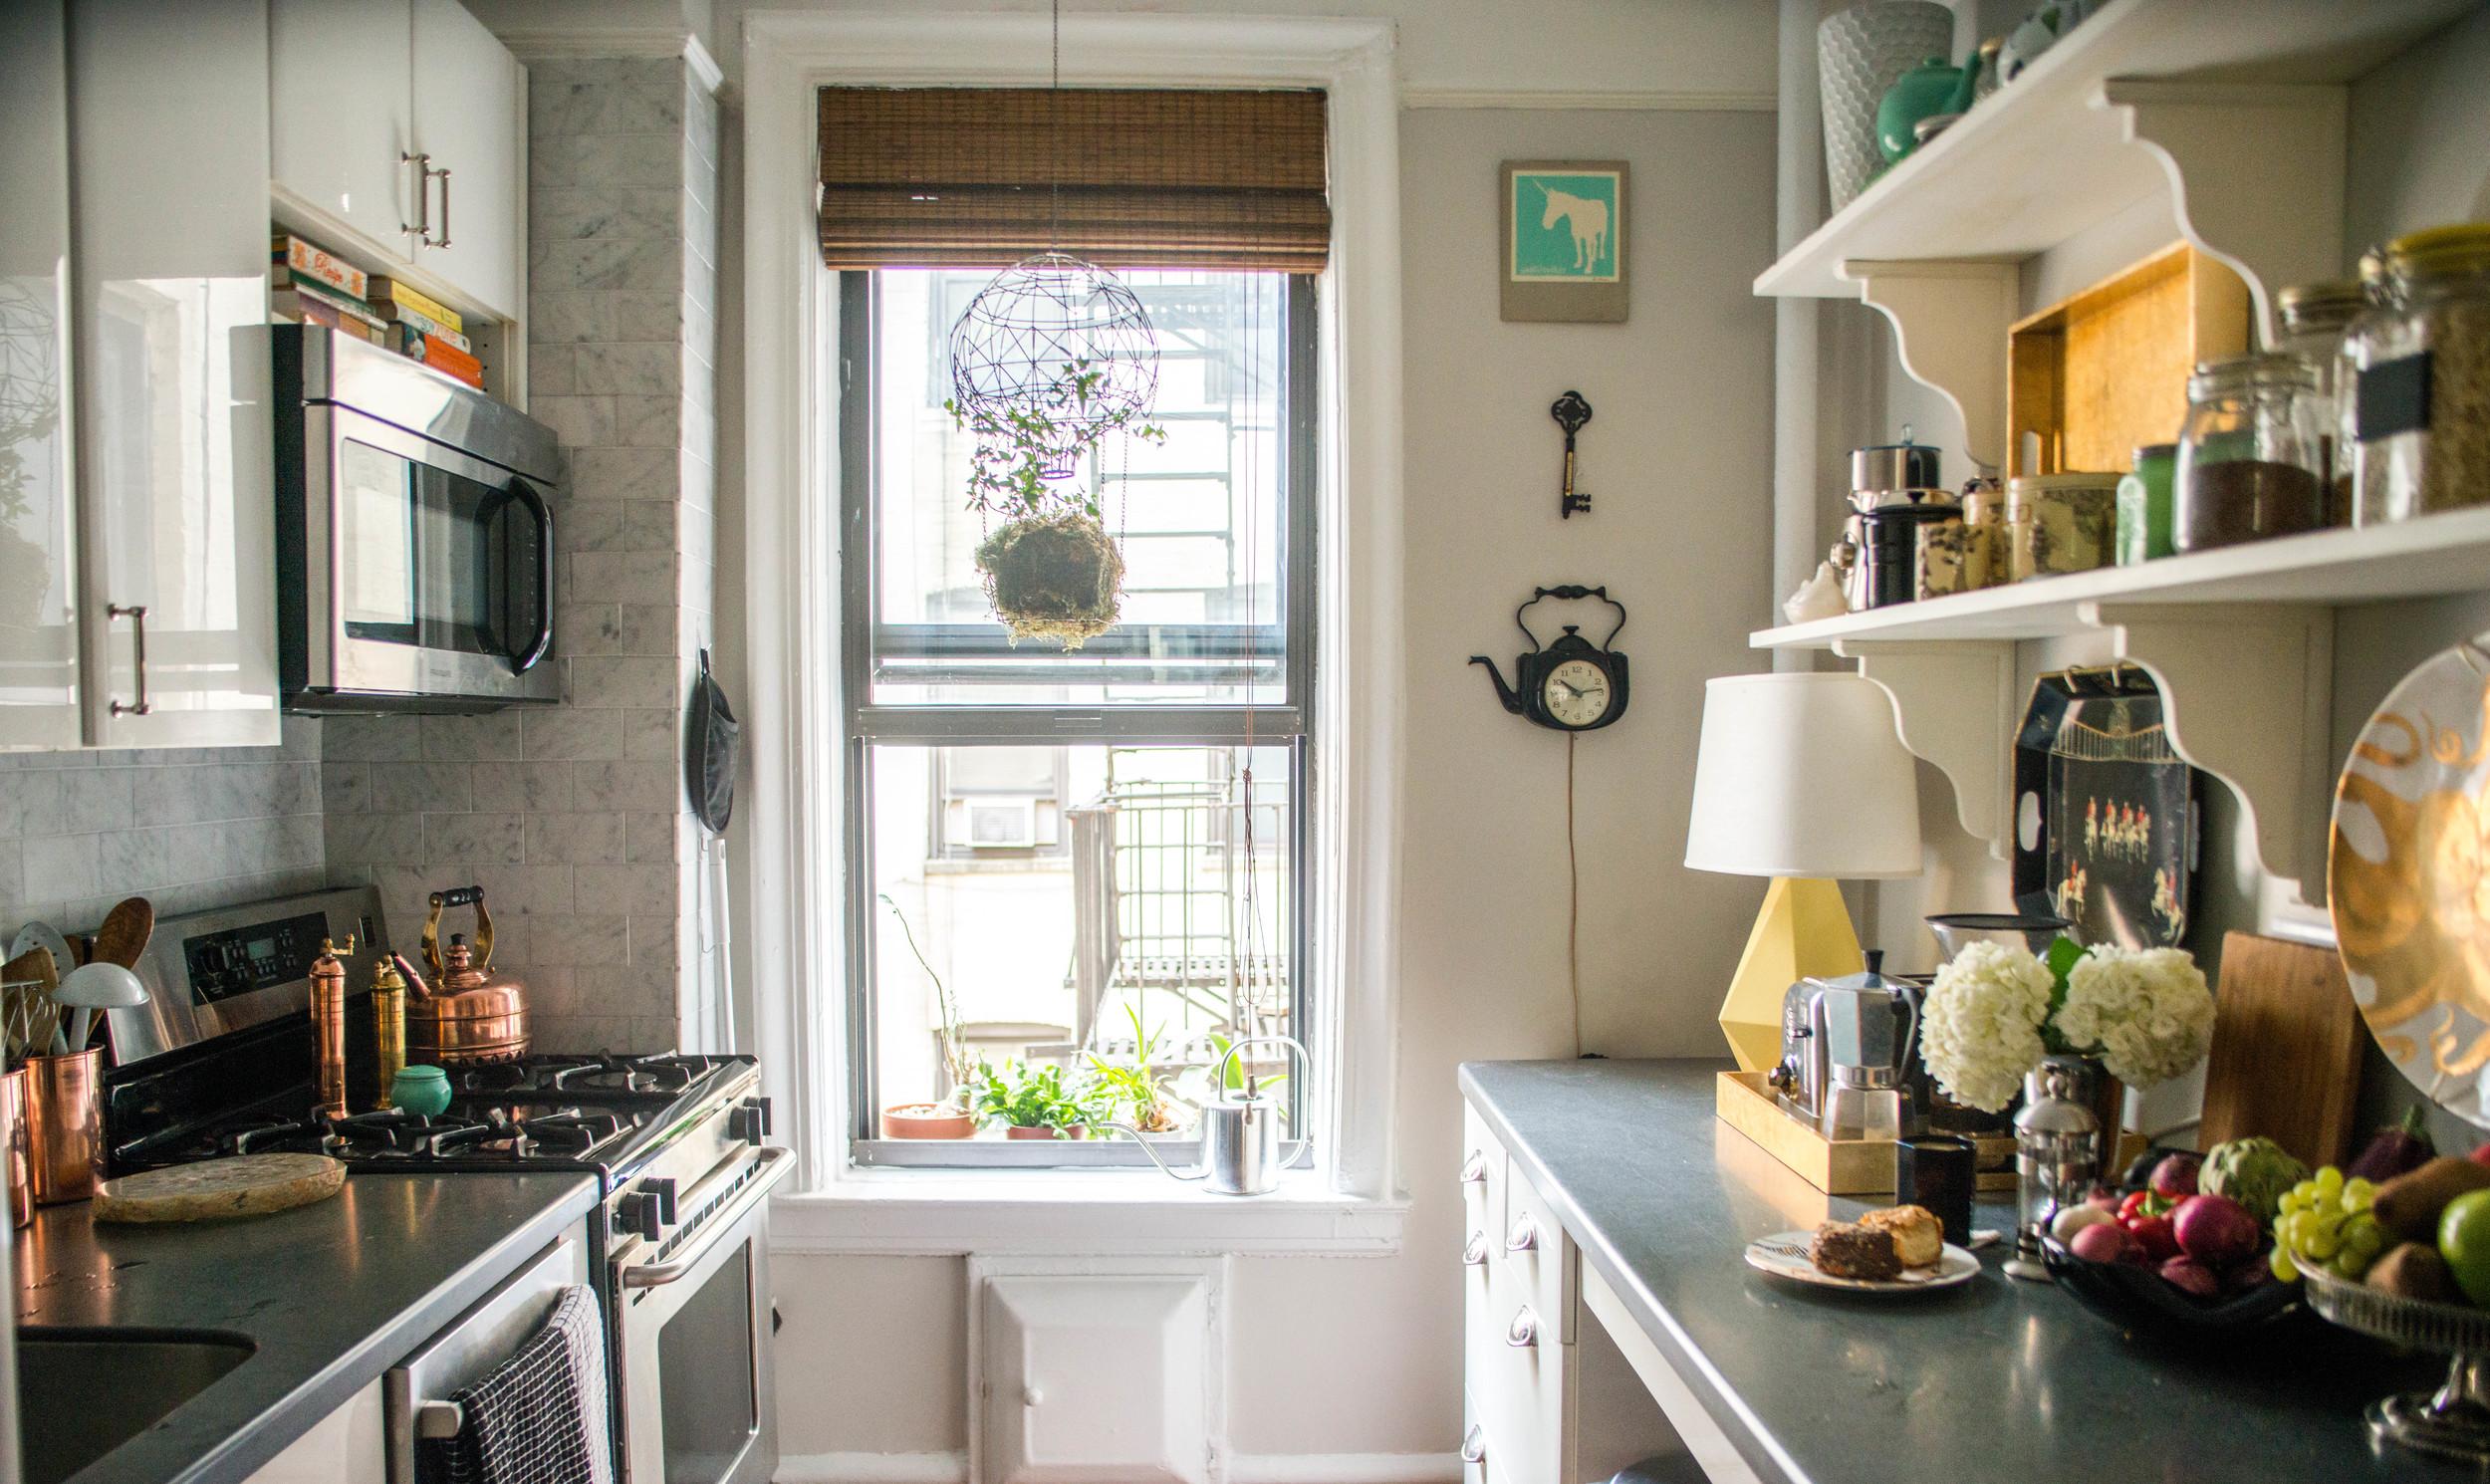 Brooklyn Galley Kitchen | By: Lauren Caron © Fourth Floor Walk Up 2015